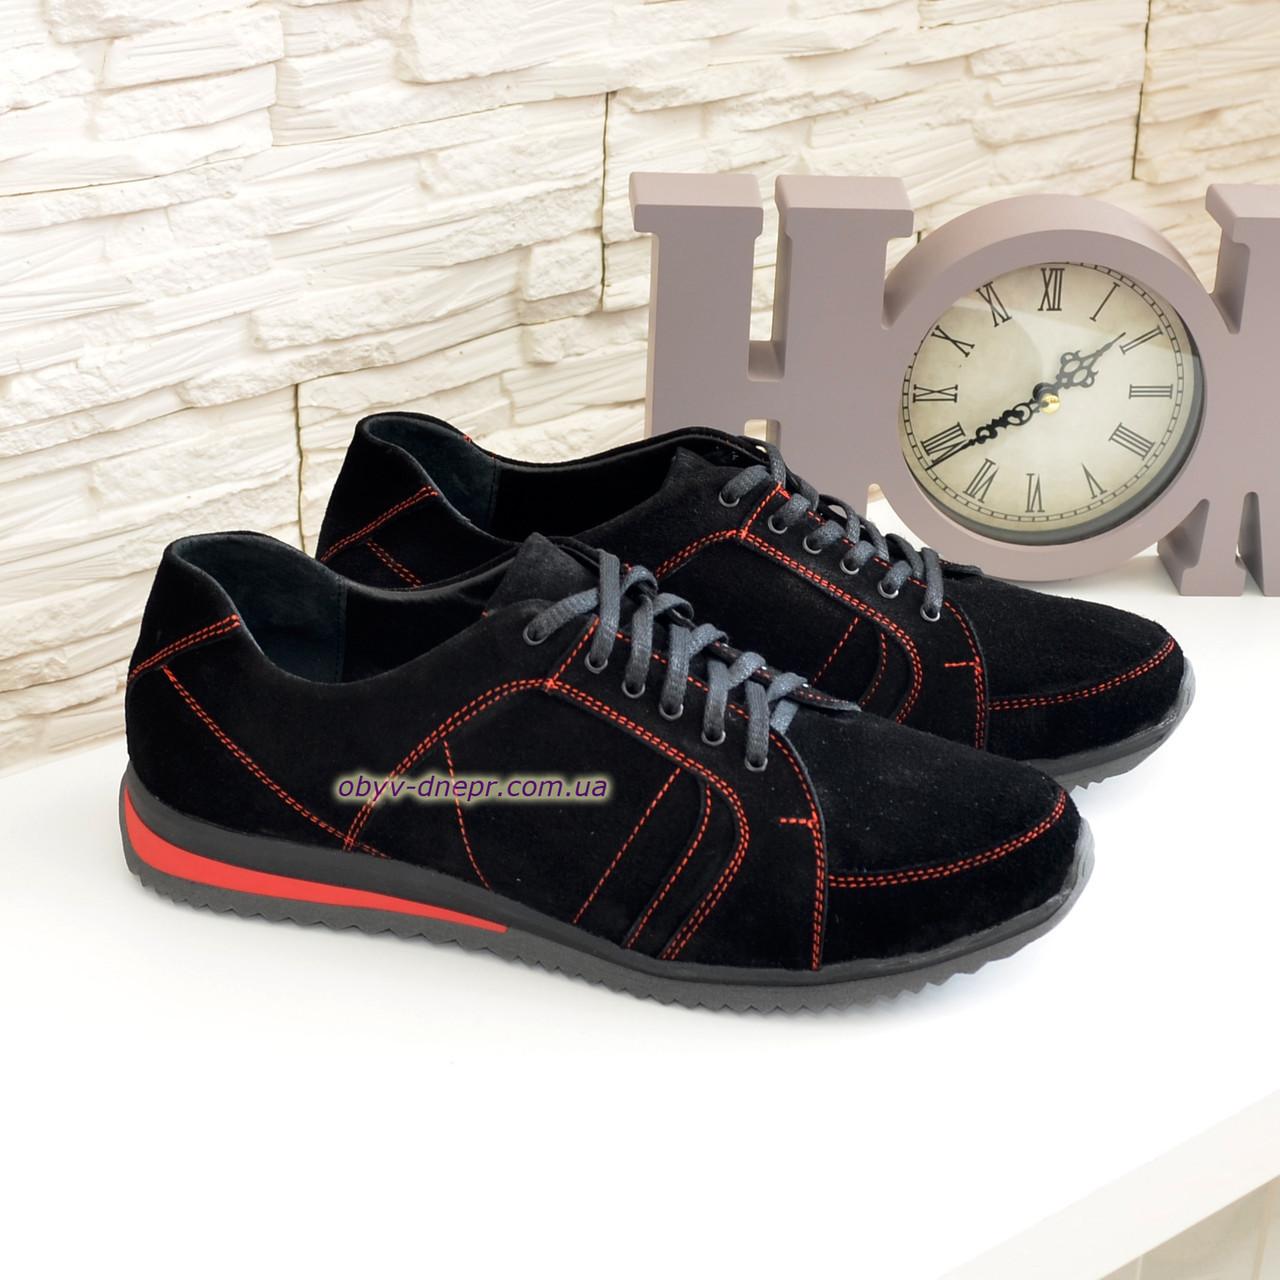 Кроссовки черные мужские на шнуровке, натуральная замша. 41 размер